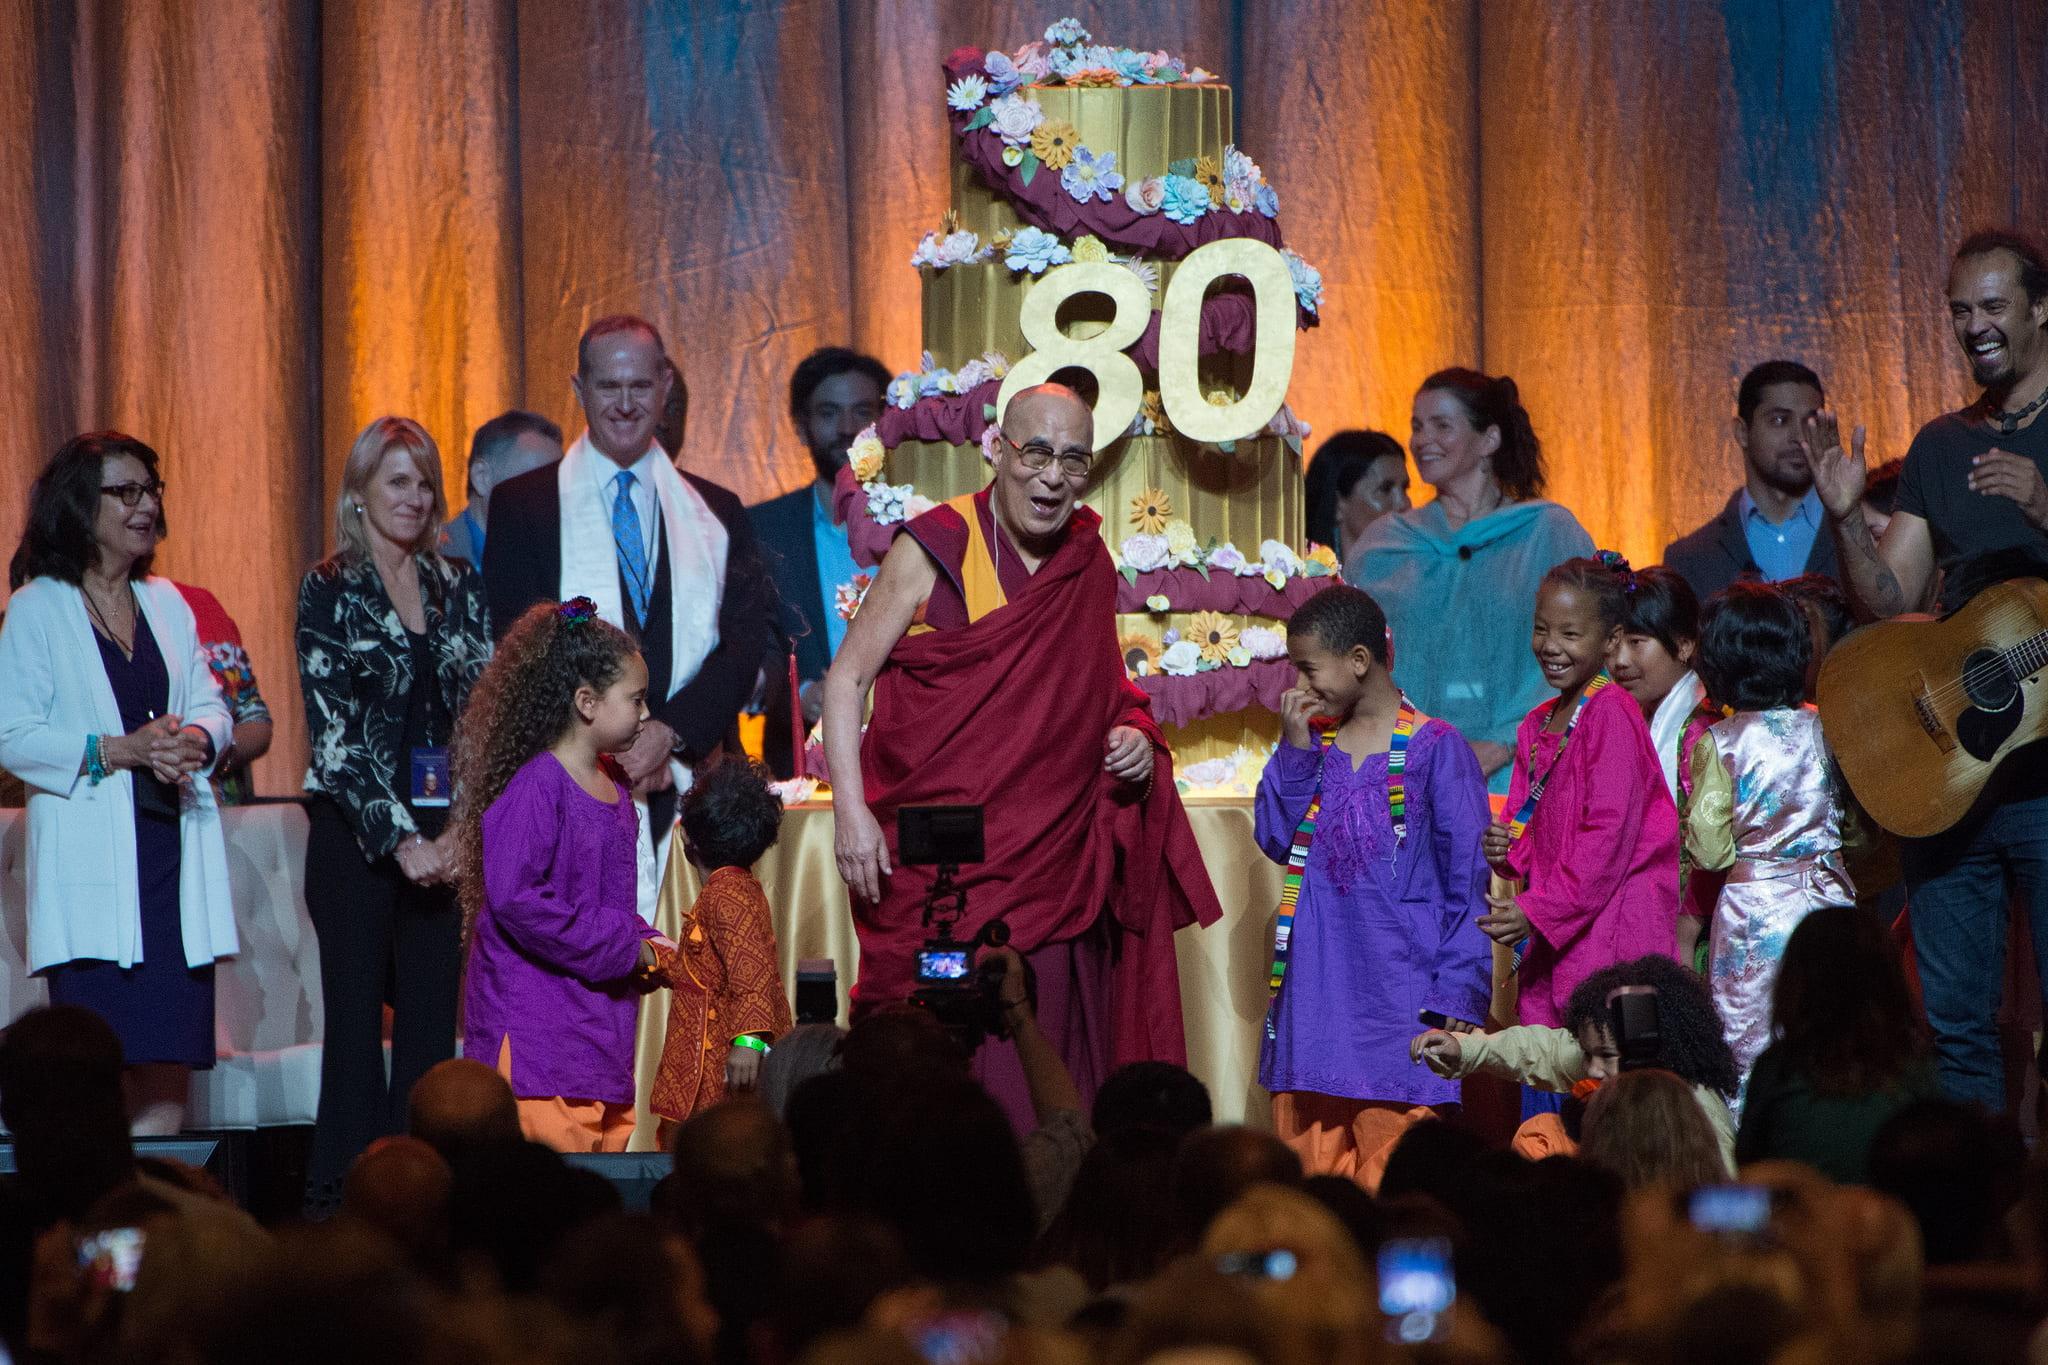 Dalai Lama's 80th birthday party draws 18,000 guests ...